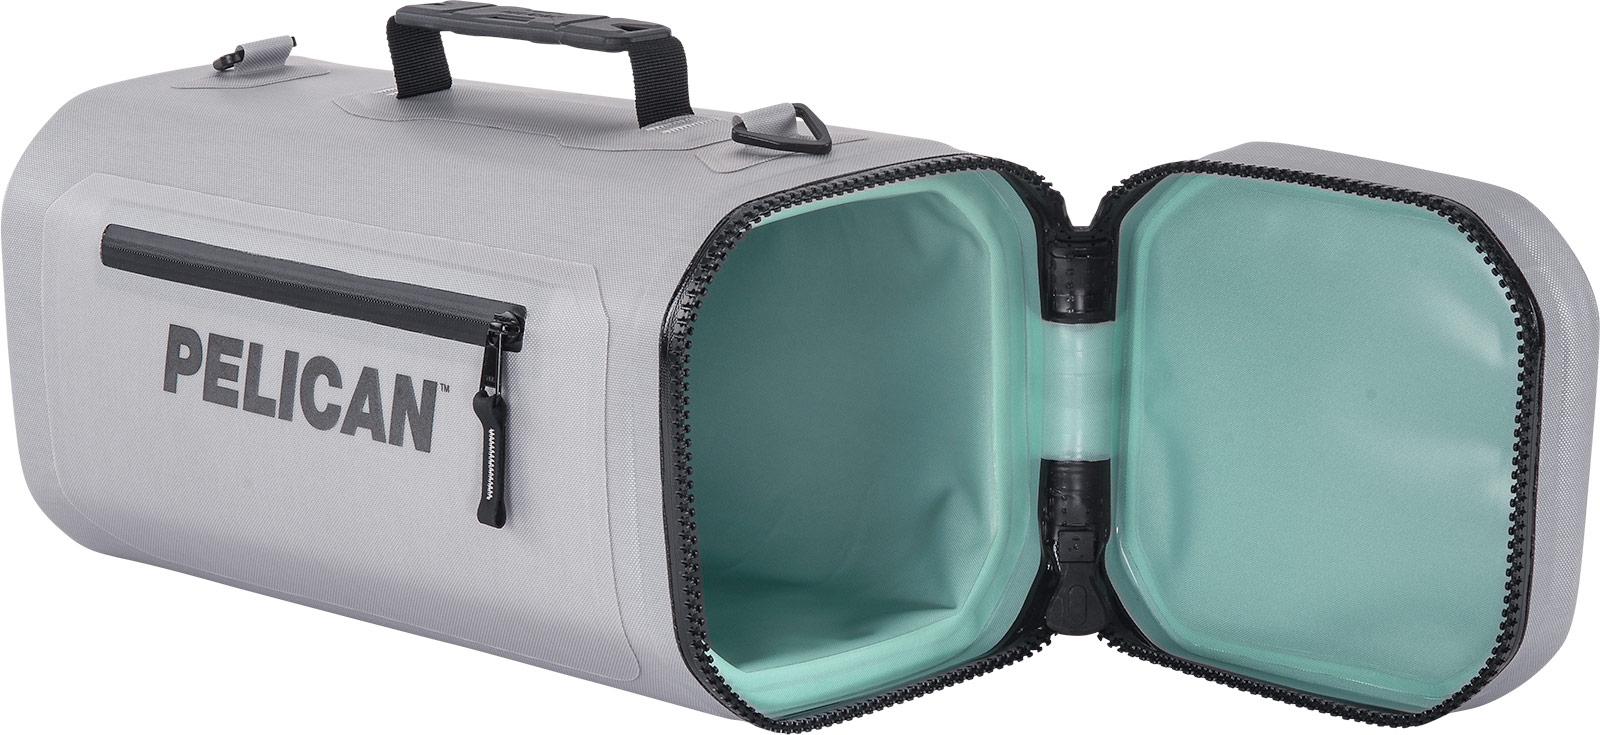 pelican water resistant durable soft cooler